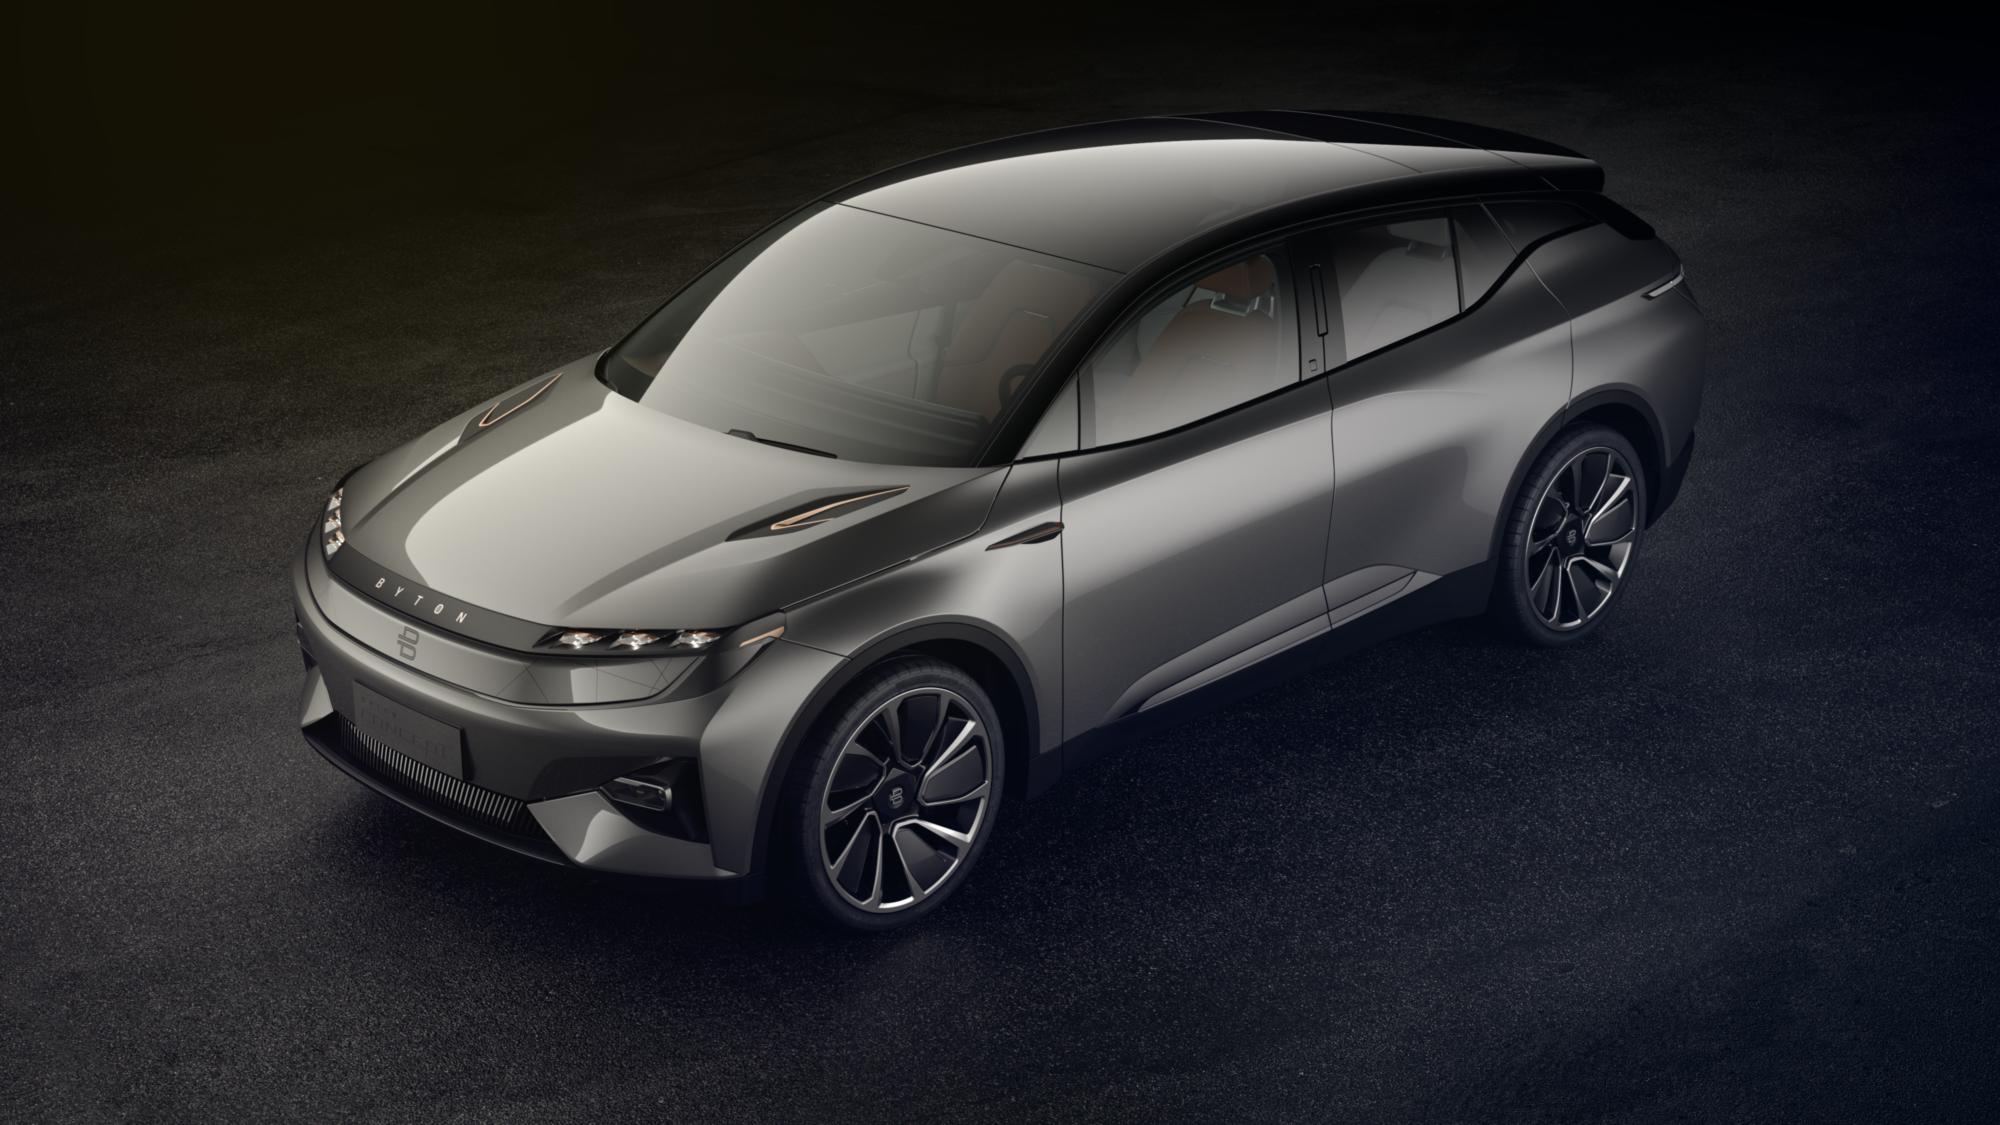 Byton zeigte sein Concept Car mit elektrischem Antrieb zur CES zum ersten Mal der Öffentlichkeit